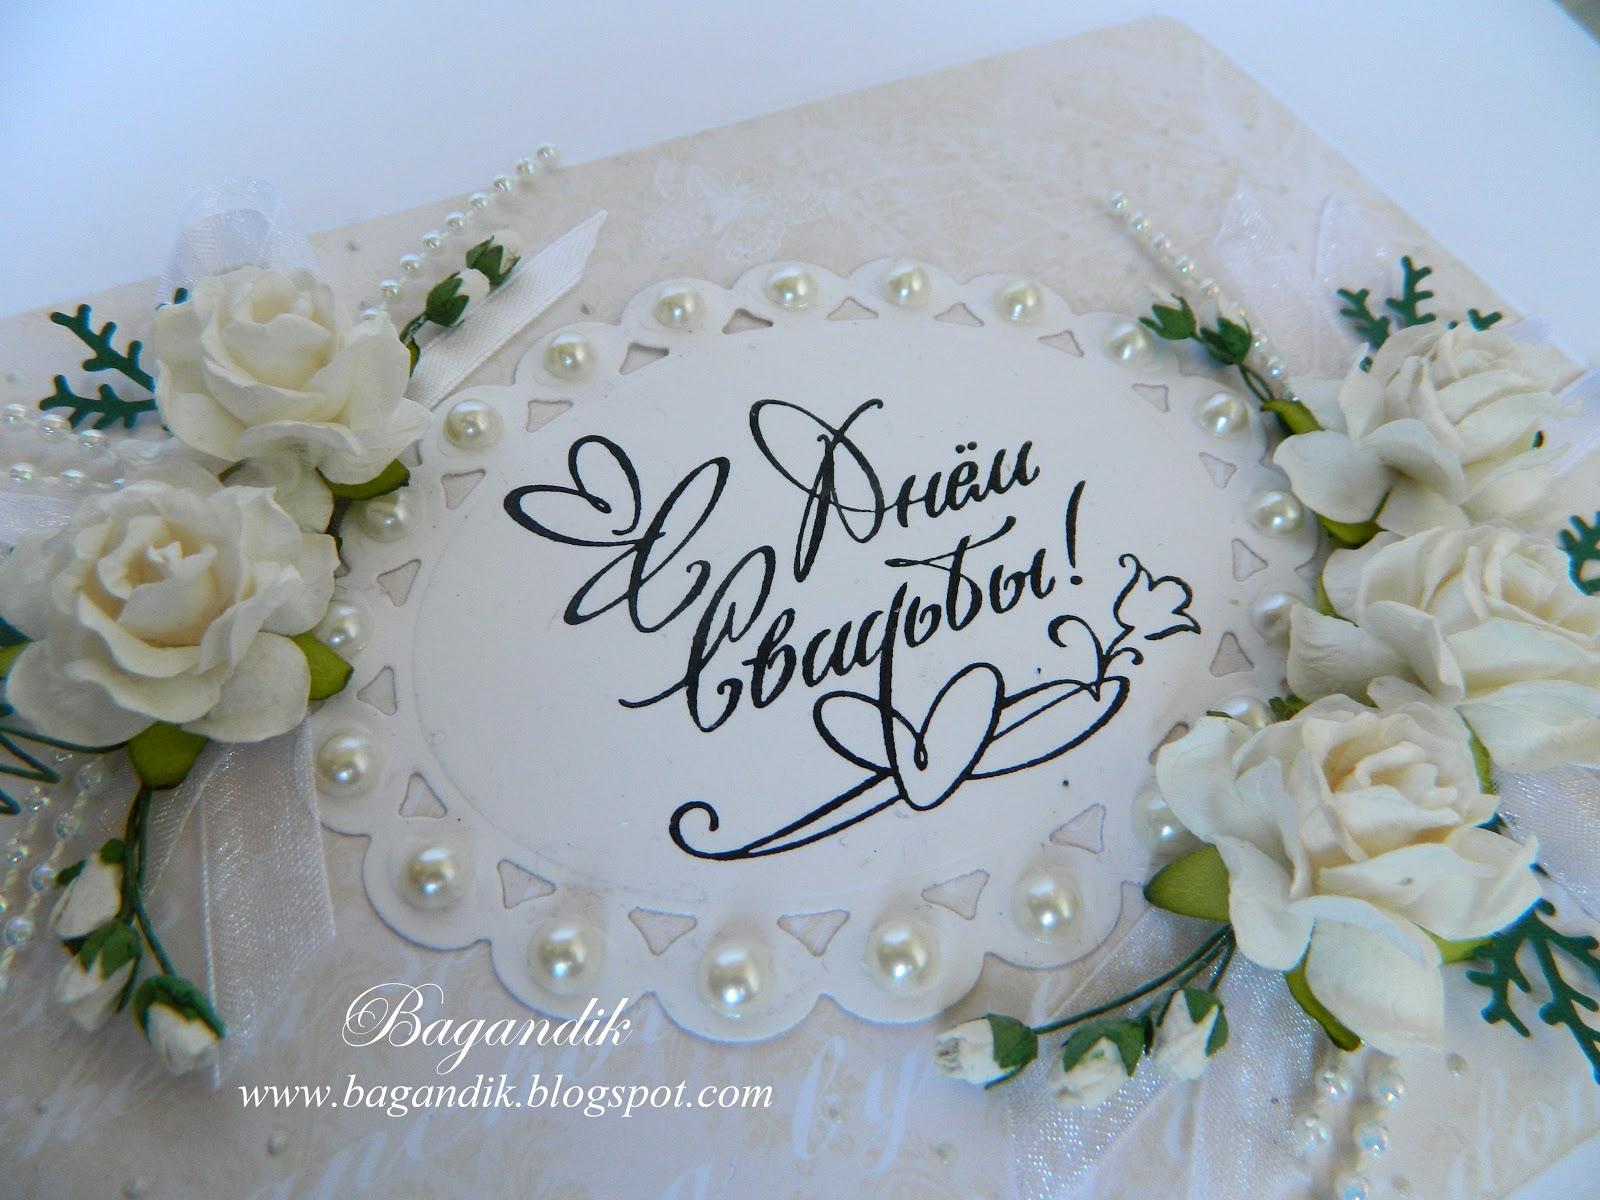 Открытка с днем свадьбы будьте счастливы